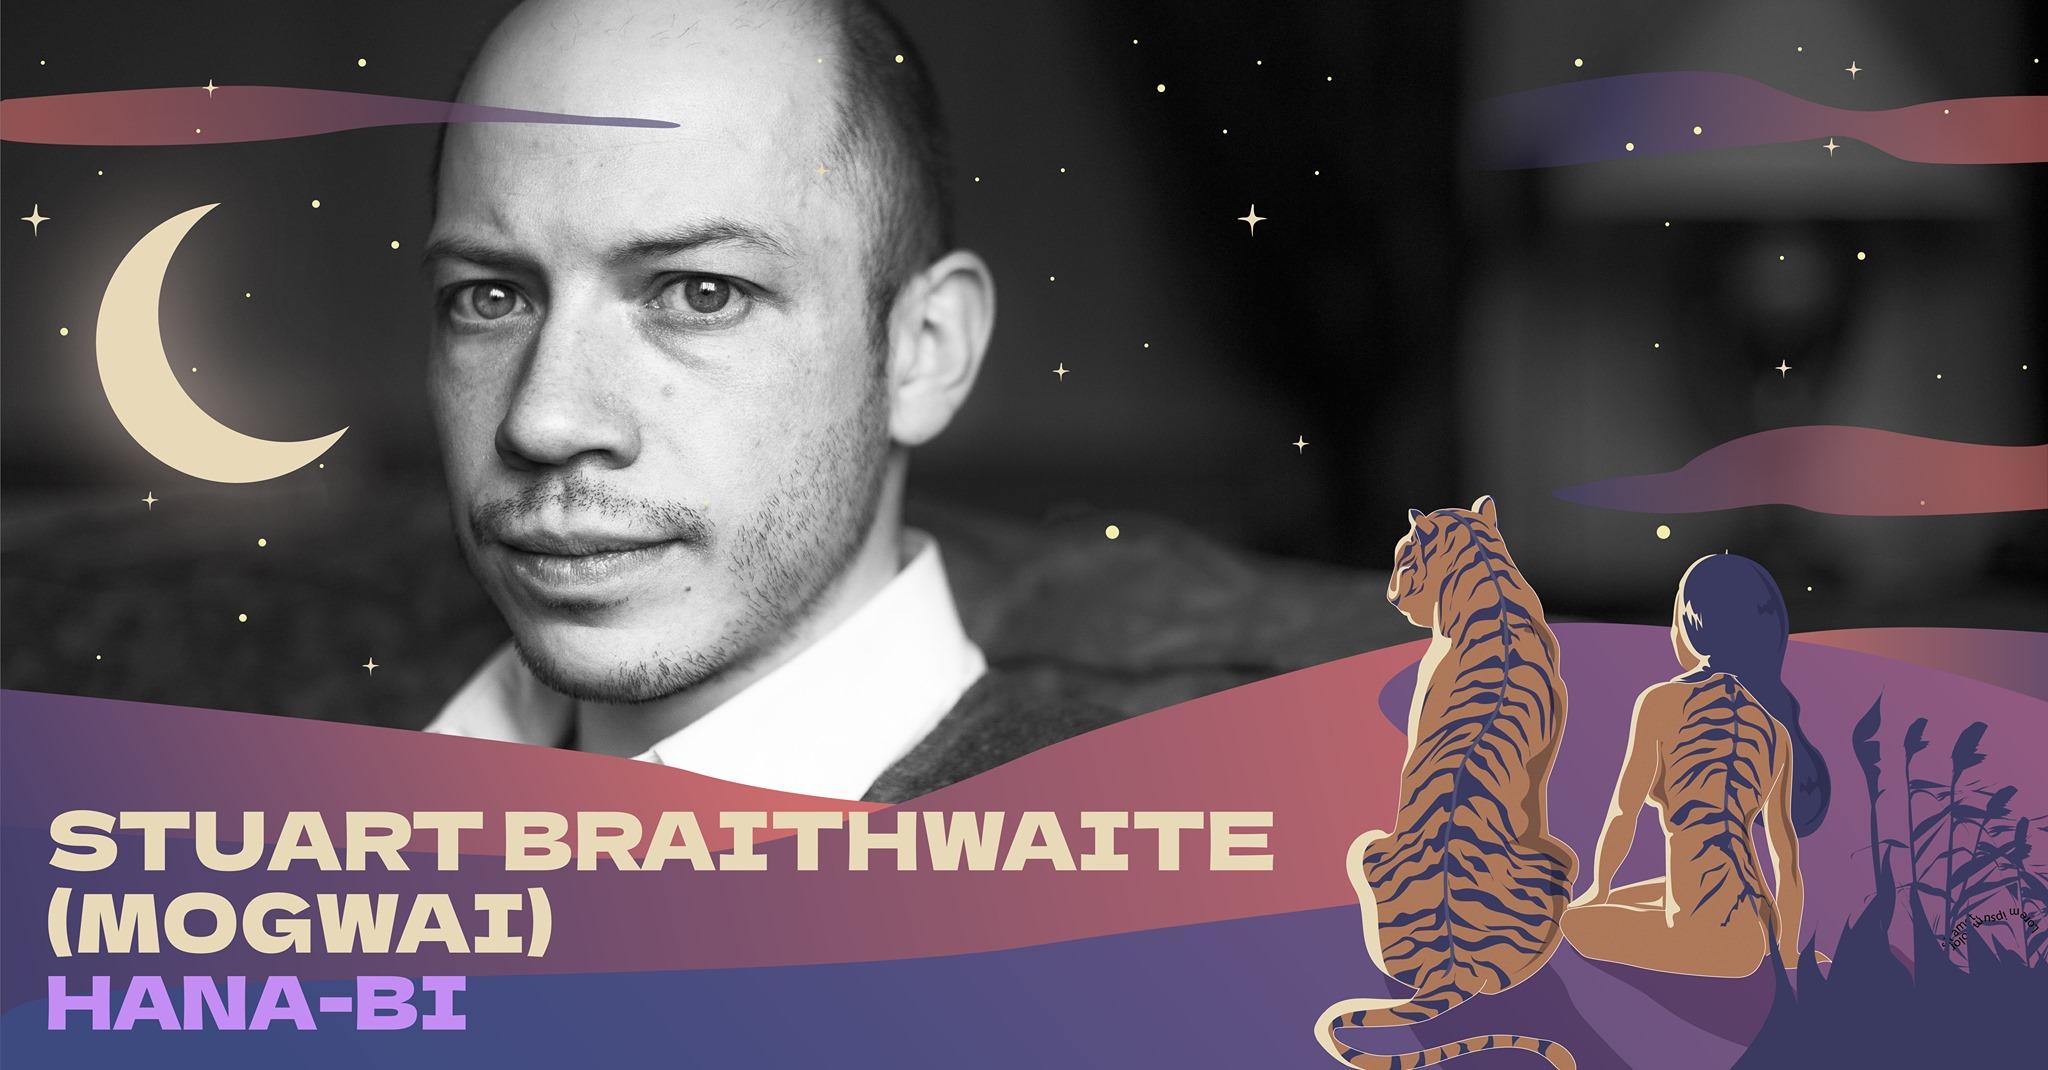 Stuart Braithwaite (Mogwai)